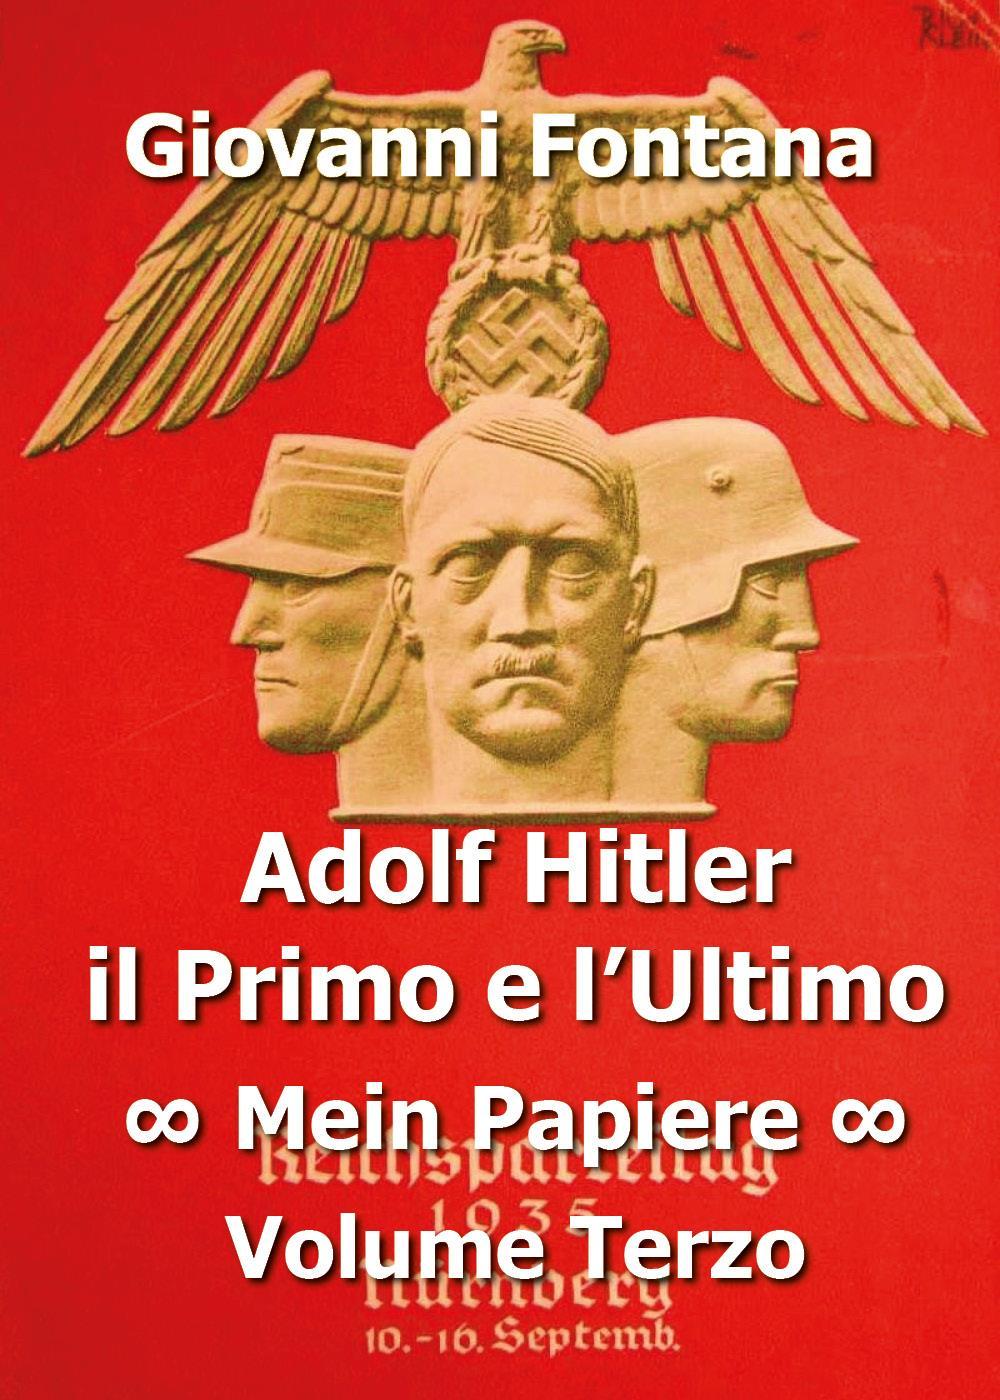 ADOLF HITLER IL PRIMO E L'ULTIMO MEIN PAPIERE VOLUME TERZO